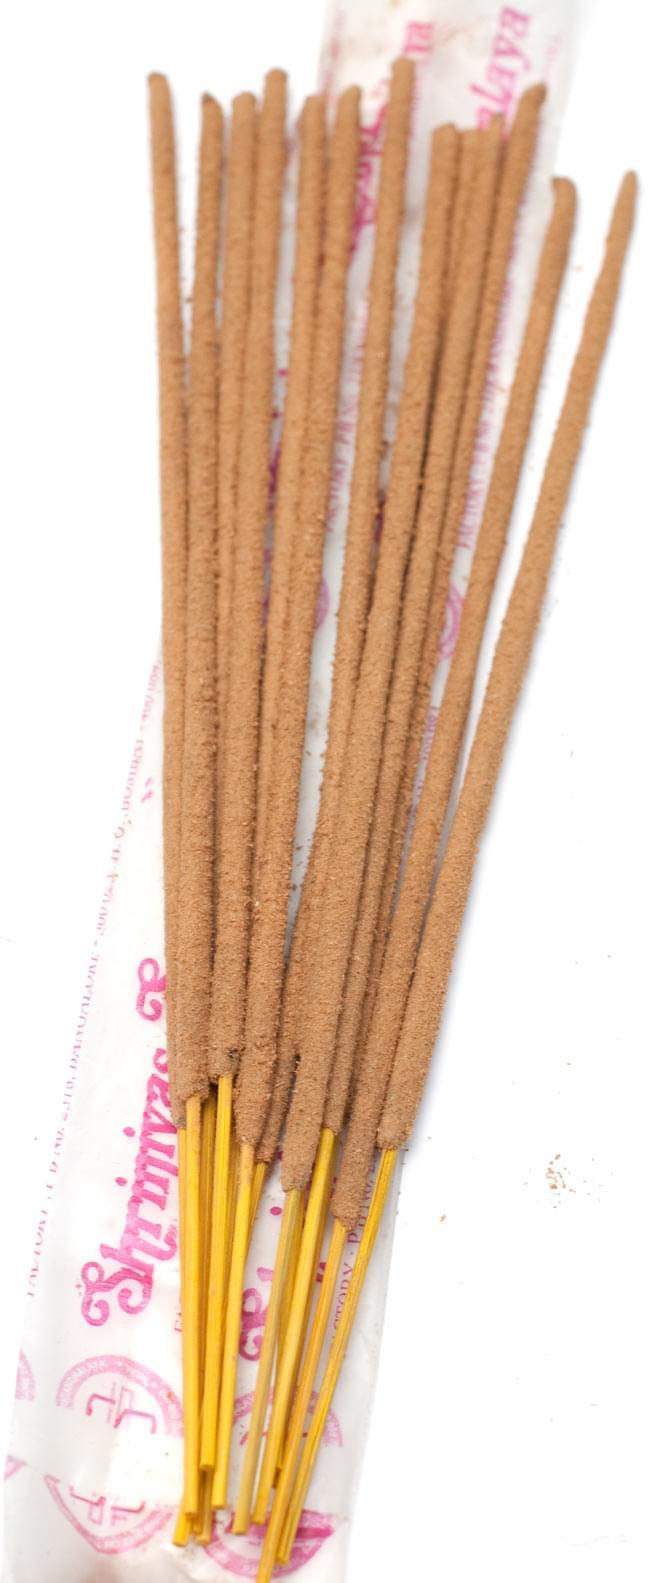 【Satya】ミッドナイト香 Midnight Incenseの写真4 - お香の写真です